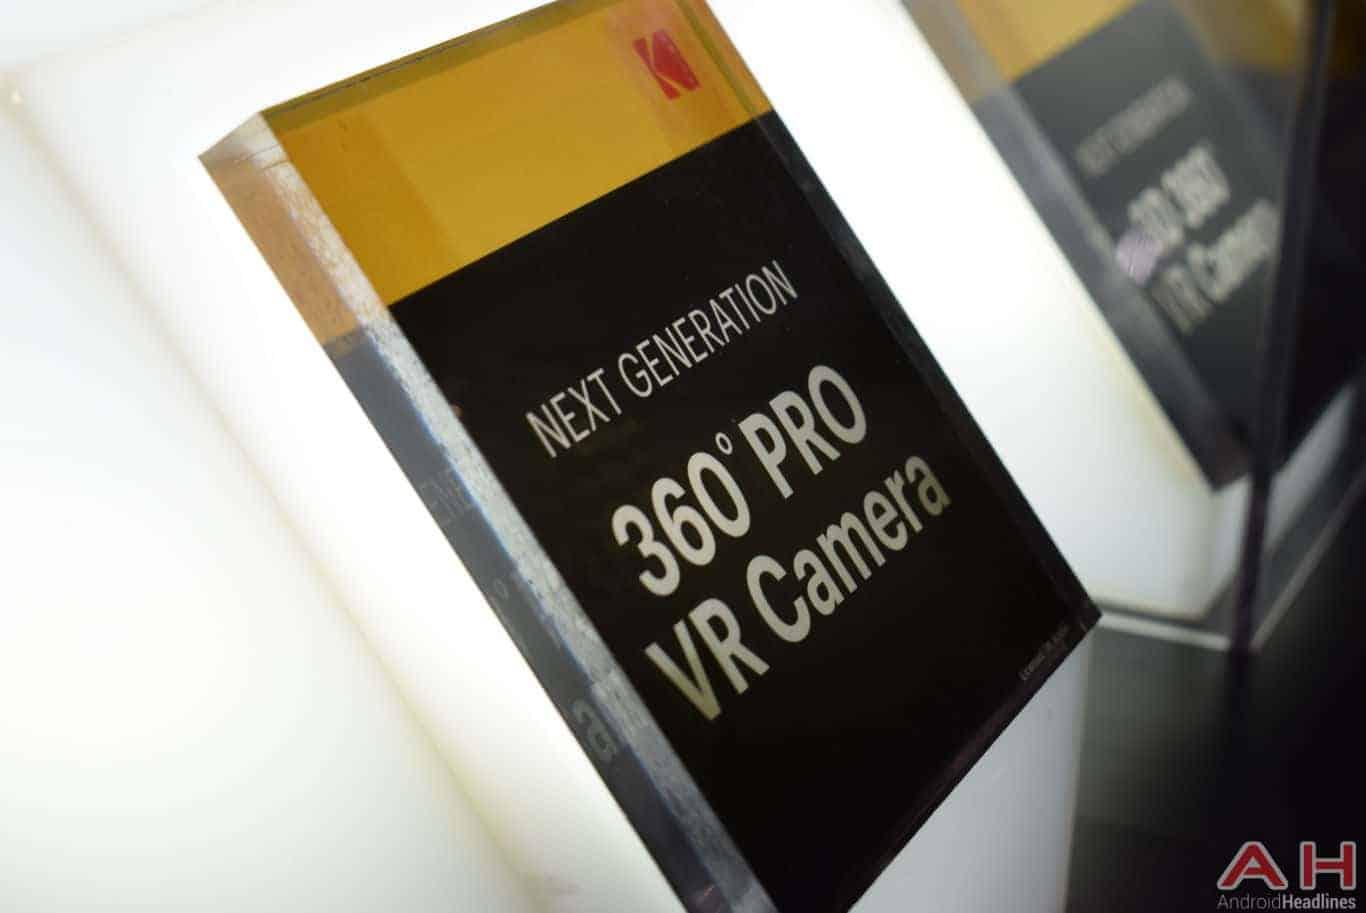 Kodak PIXPRO 360 Pro VR Camera CES 2018 AH 7